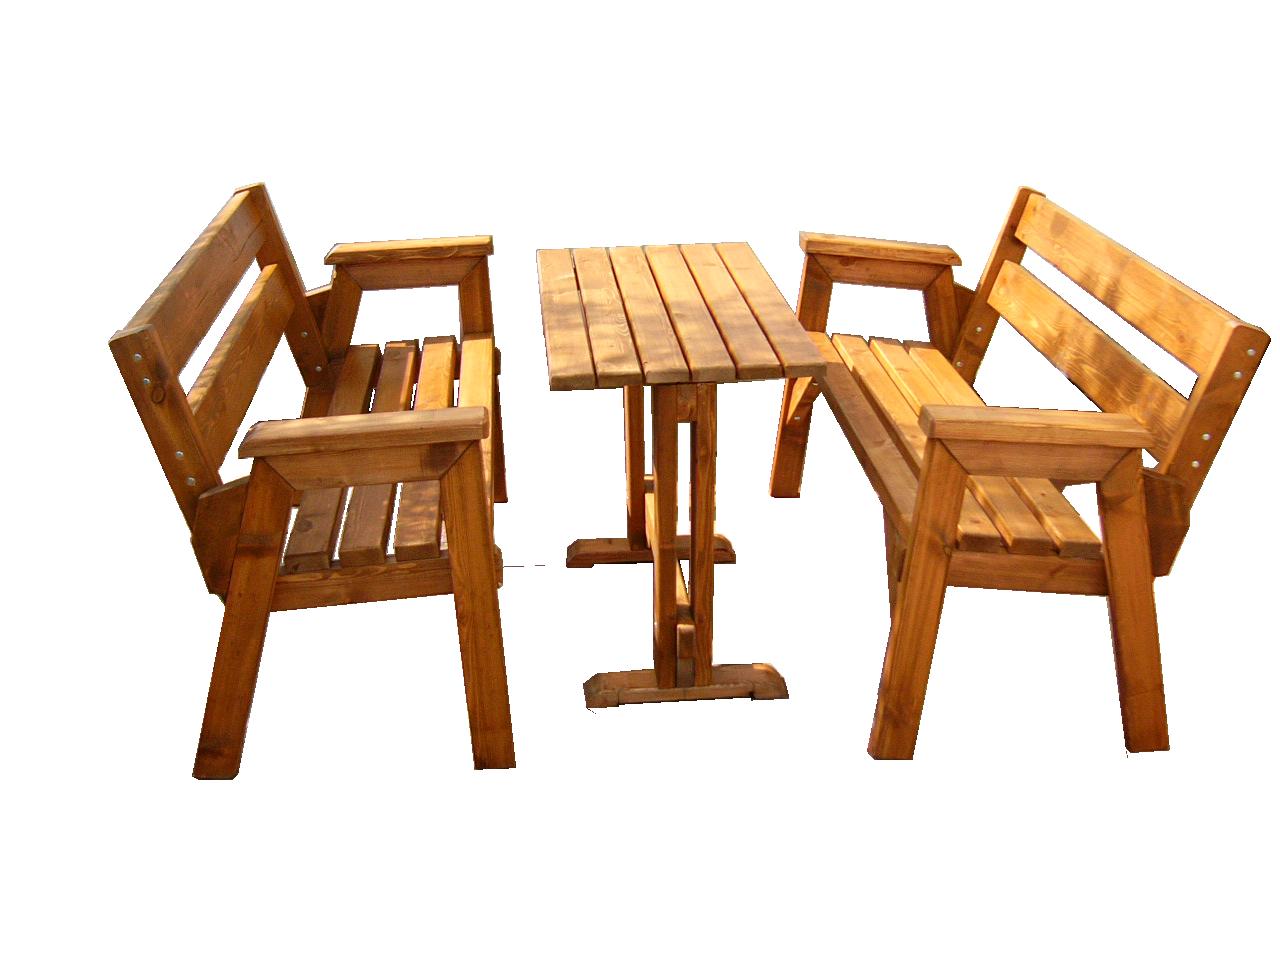 Ξύλινο τραπέζι με παγκάκια – Κωδ.: 15-21